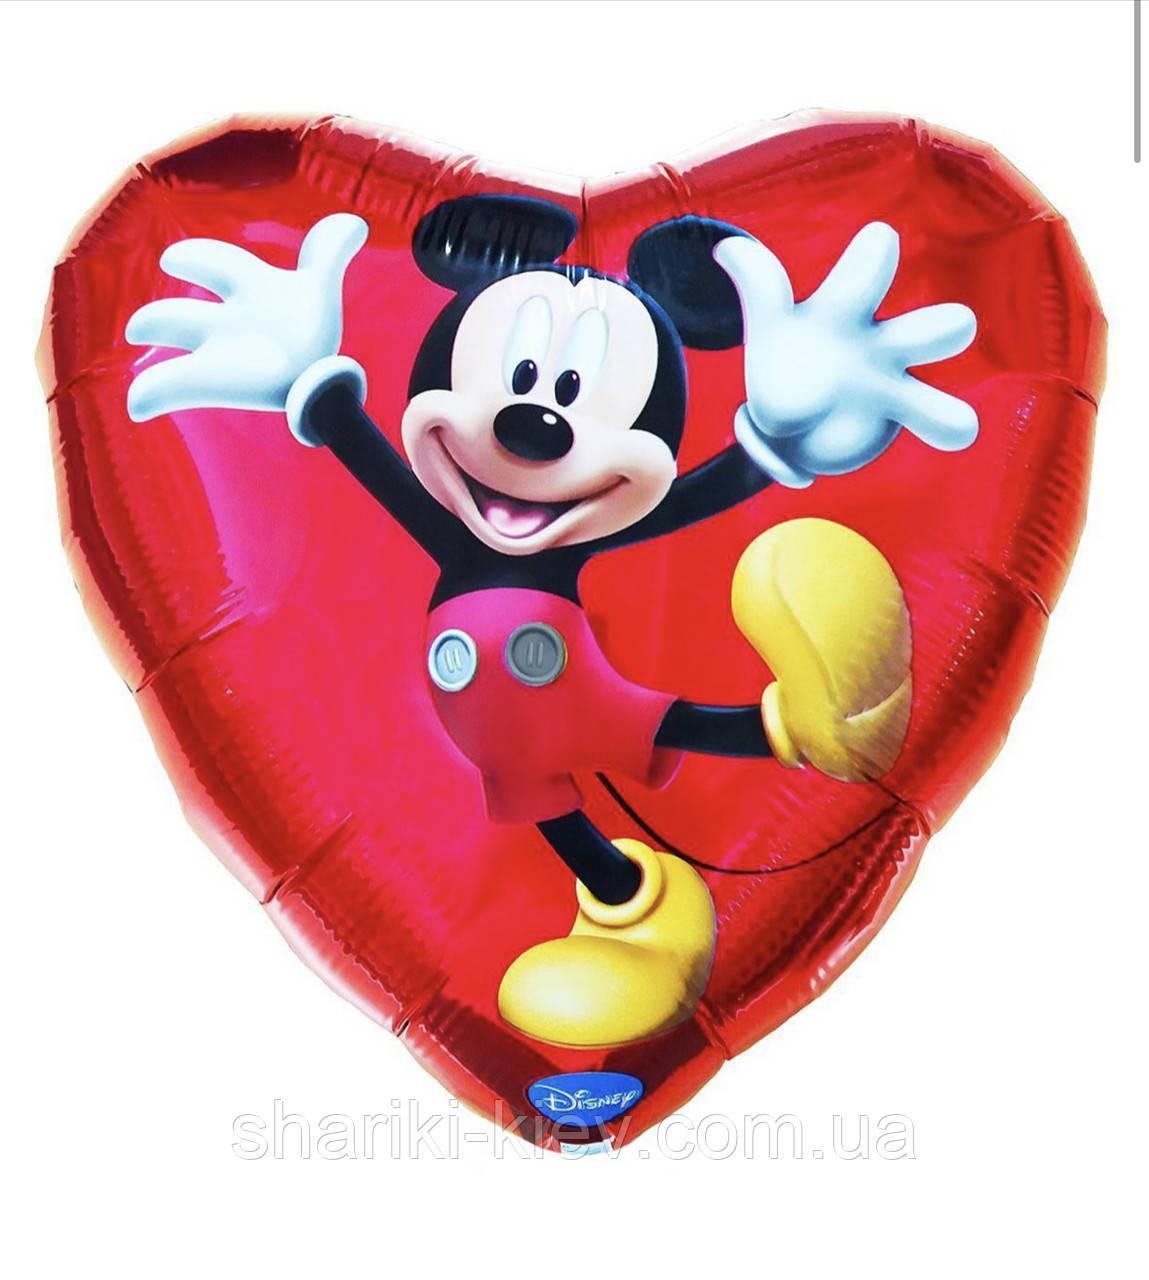 Фольгированный шарик с гелием Микки Маус